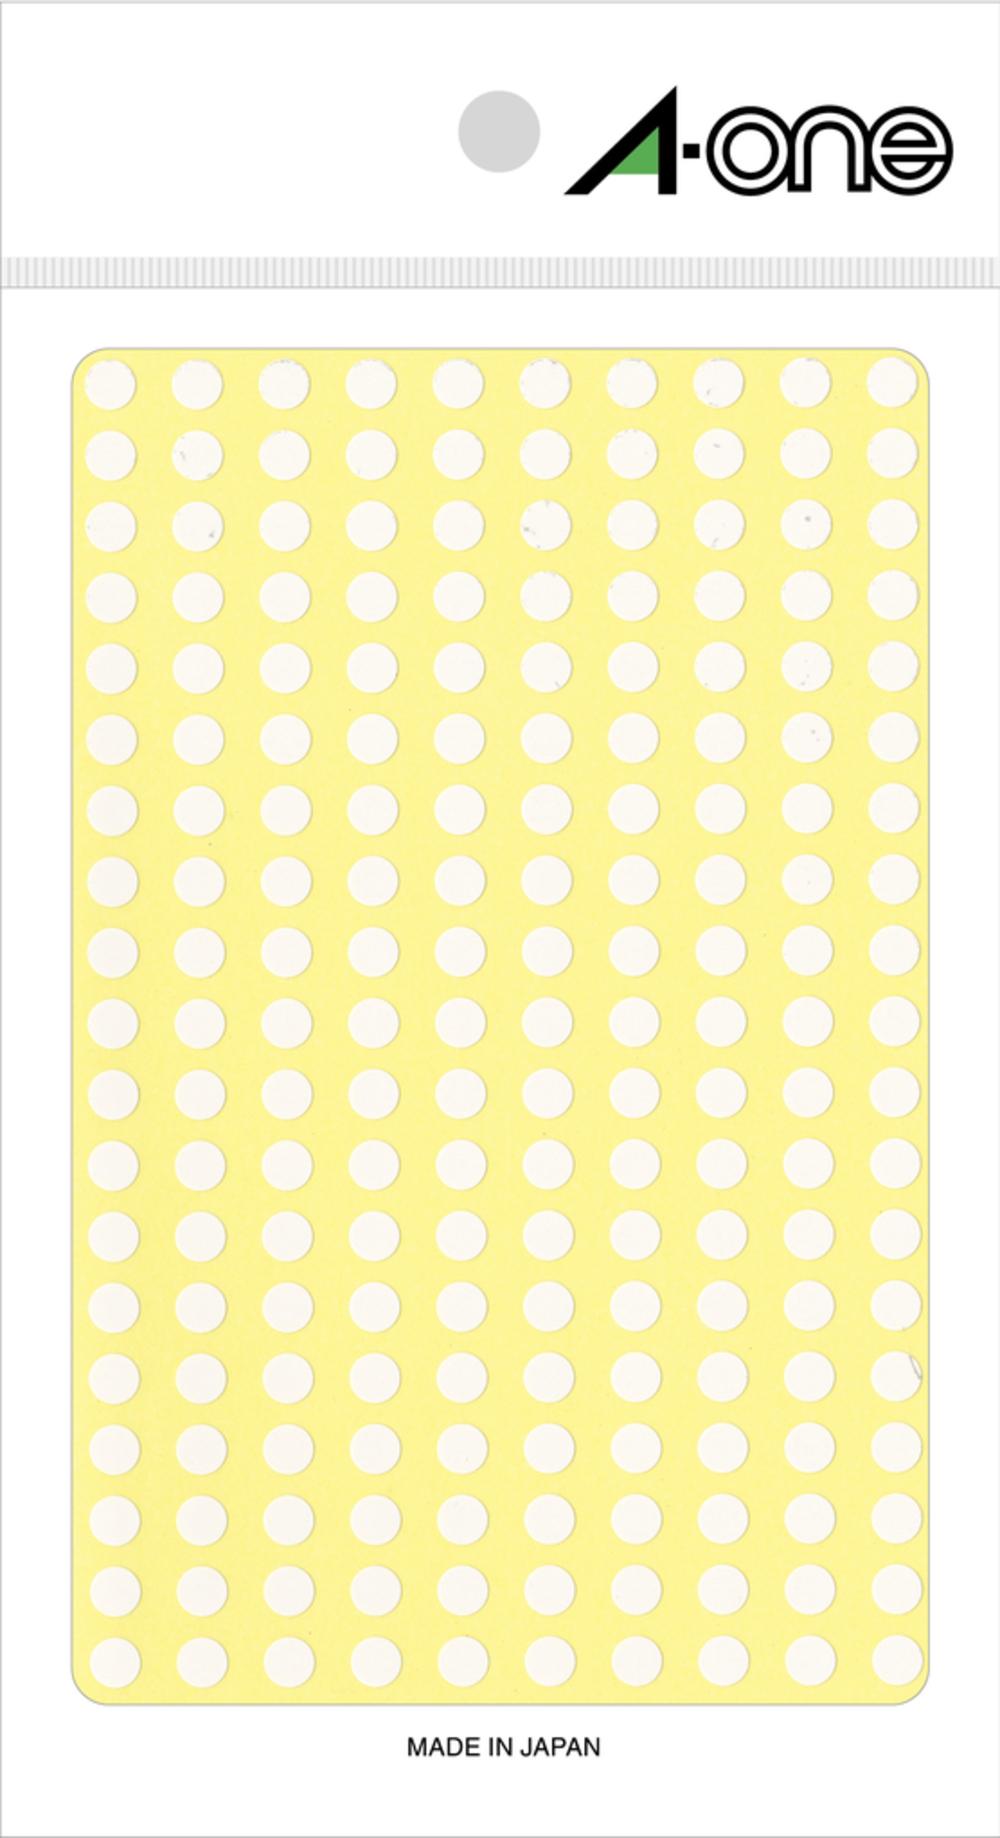 代金引換不可 名前シール 商品ラベル 宛名ラベル インデックスラベル エーワン カラーラベル 5mm丸 白 9シート×200面 超定番 1800片 07070 aone 印刷用 シール ラベル 白色 シール紙 ラベルシール 敬老の日 即納送料無料 光沢コート紙 丸 脱毛用 丸型 松本洋紙店 ほくろ隠し ステッカー